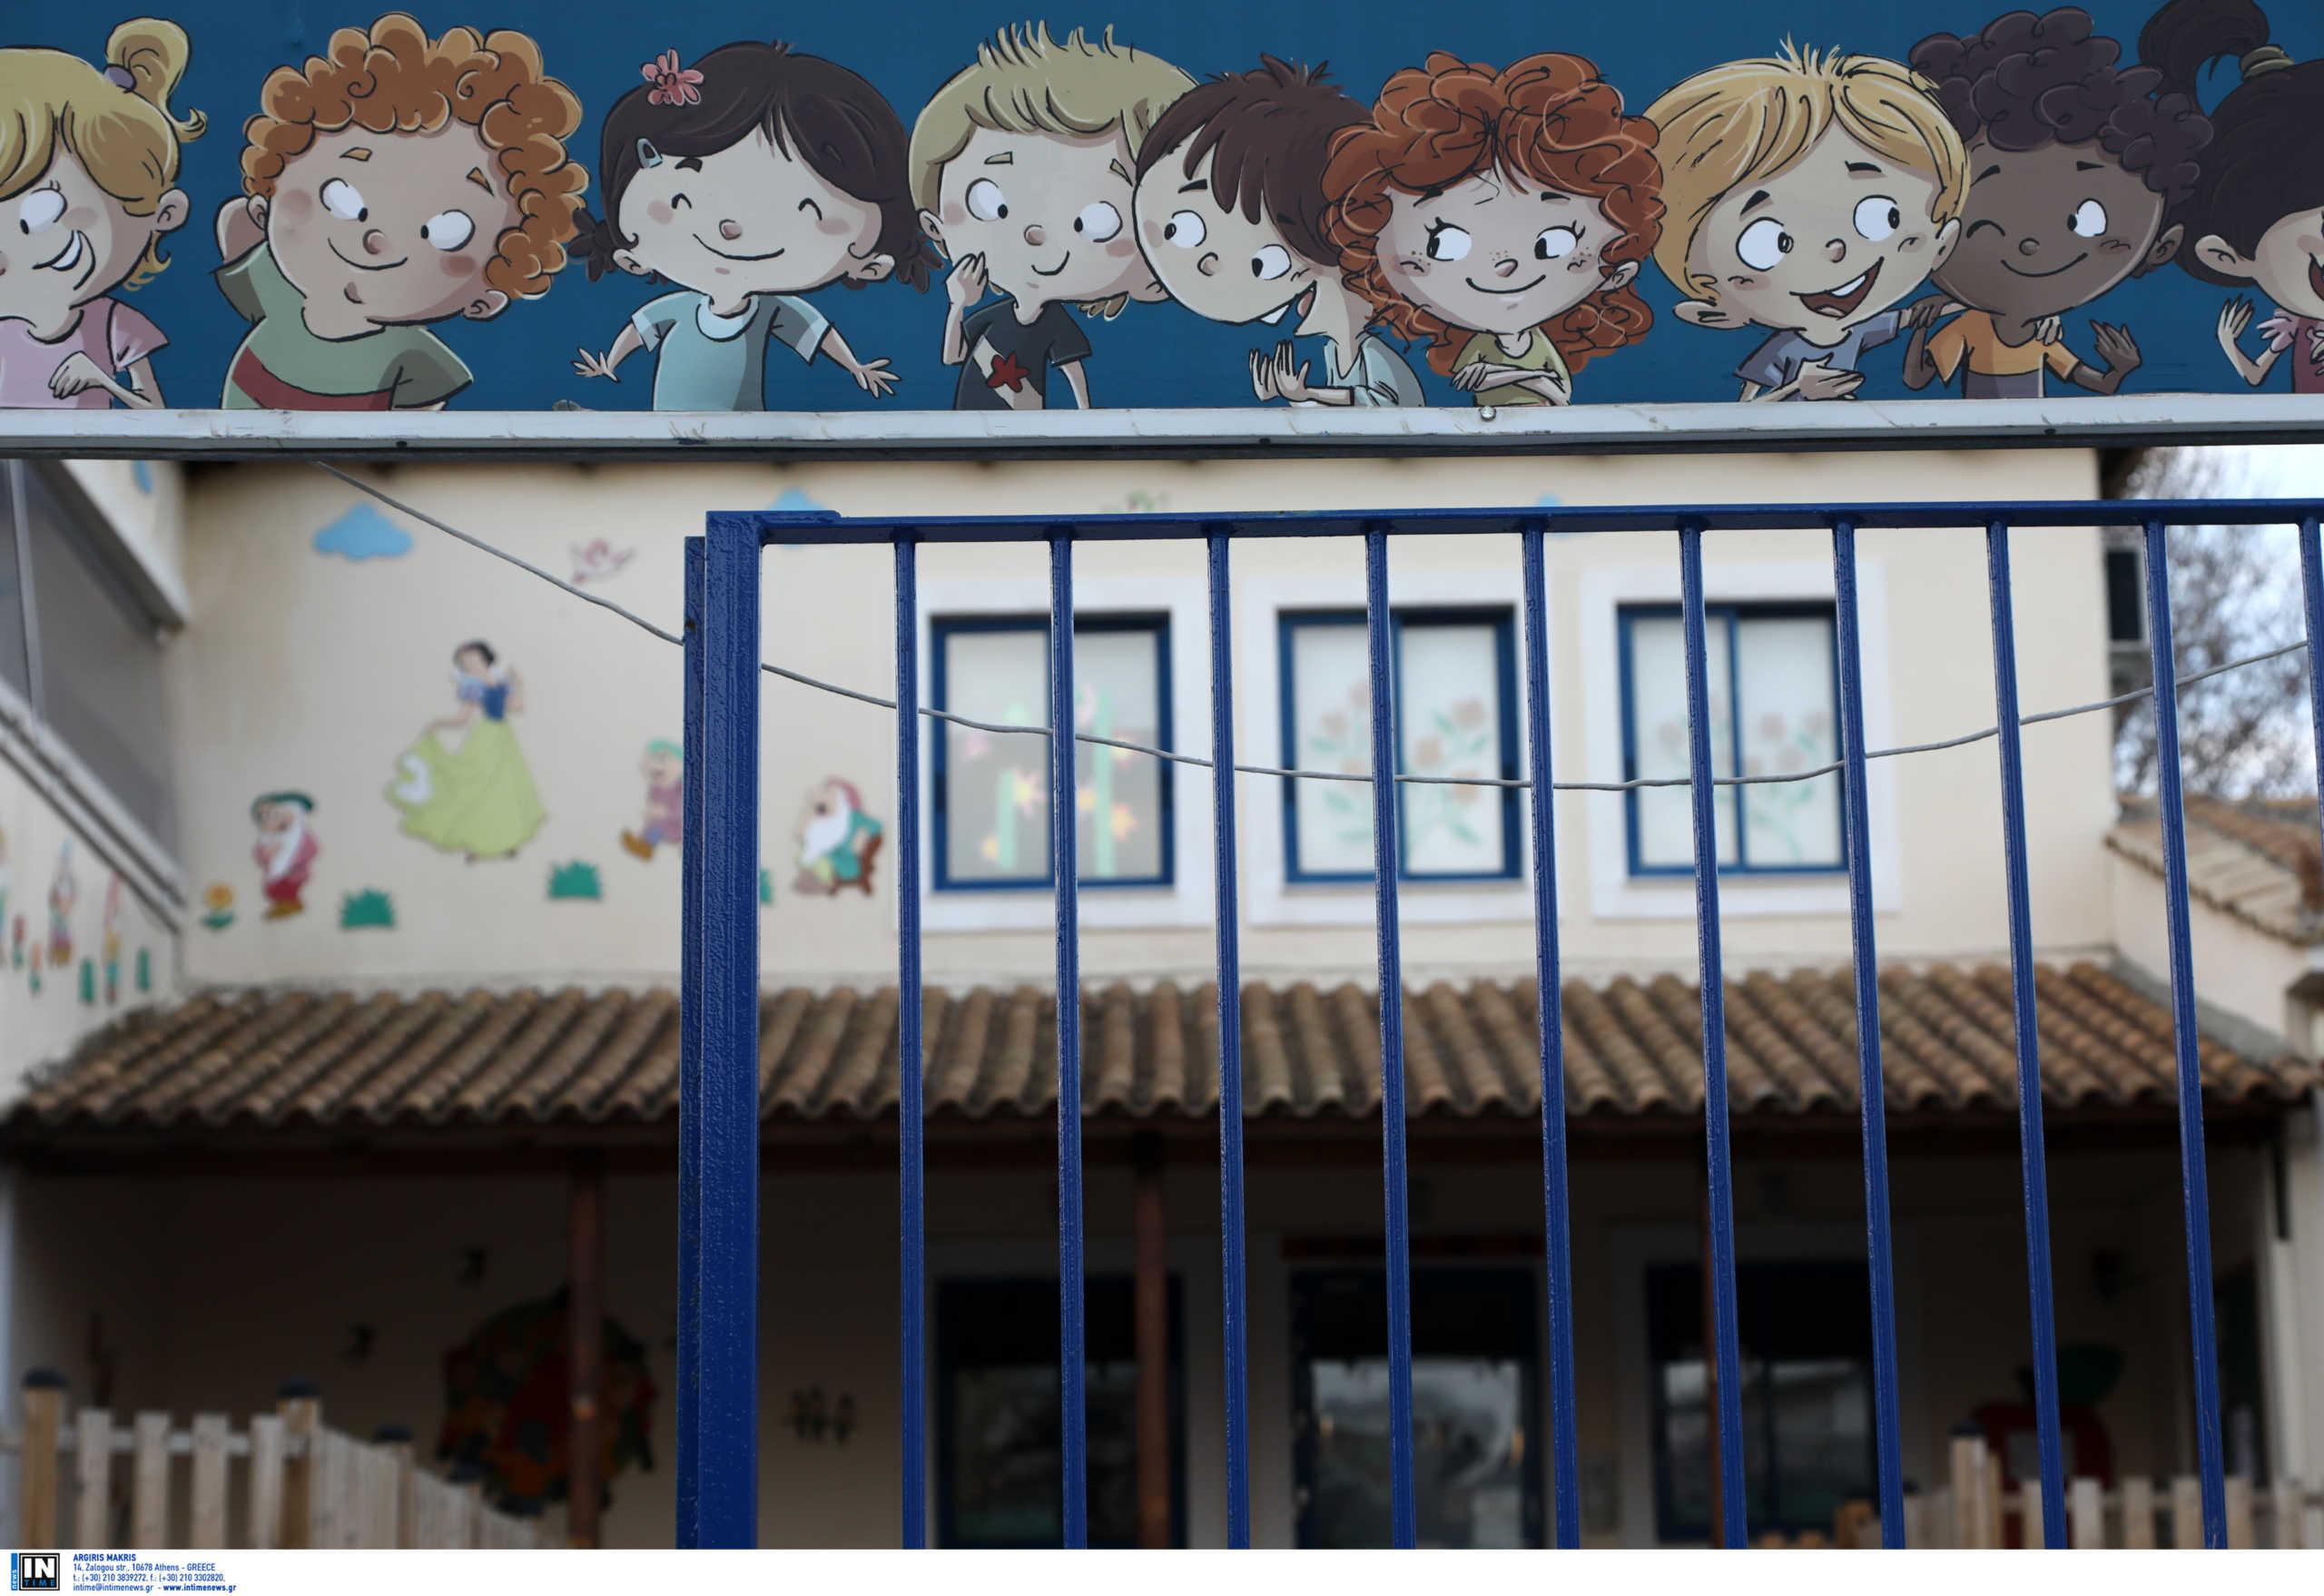 Κλειστά όλα τα σχολεία και τα Πανεπιστήμια στην Ελλάδα λόγω κορονοϊού